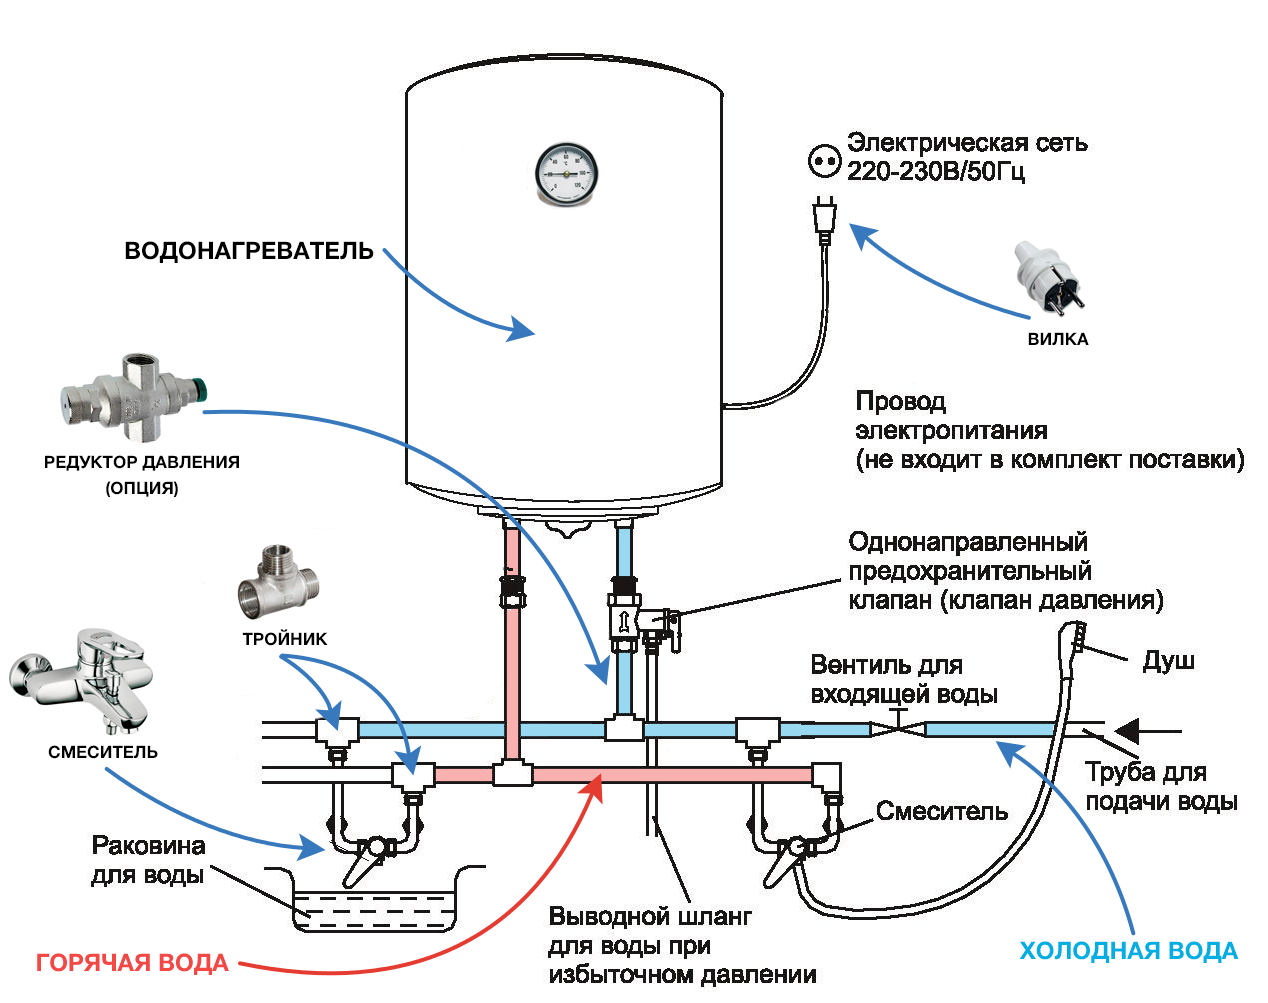 Схема водопровода с электрическим водонагревателем